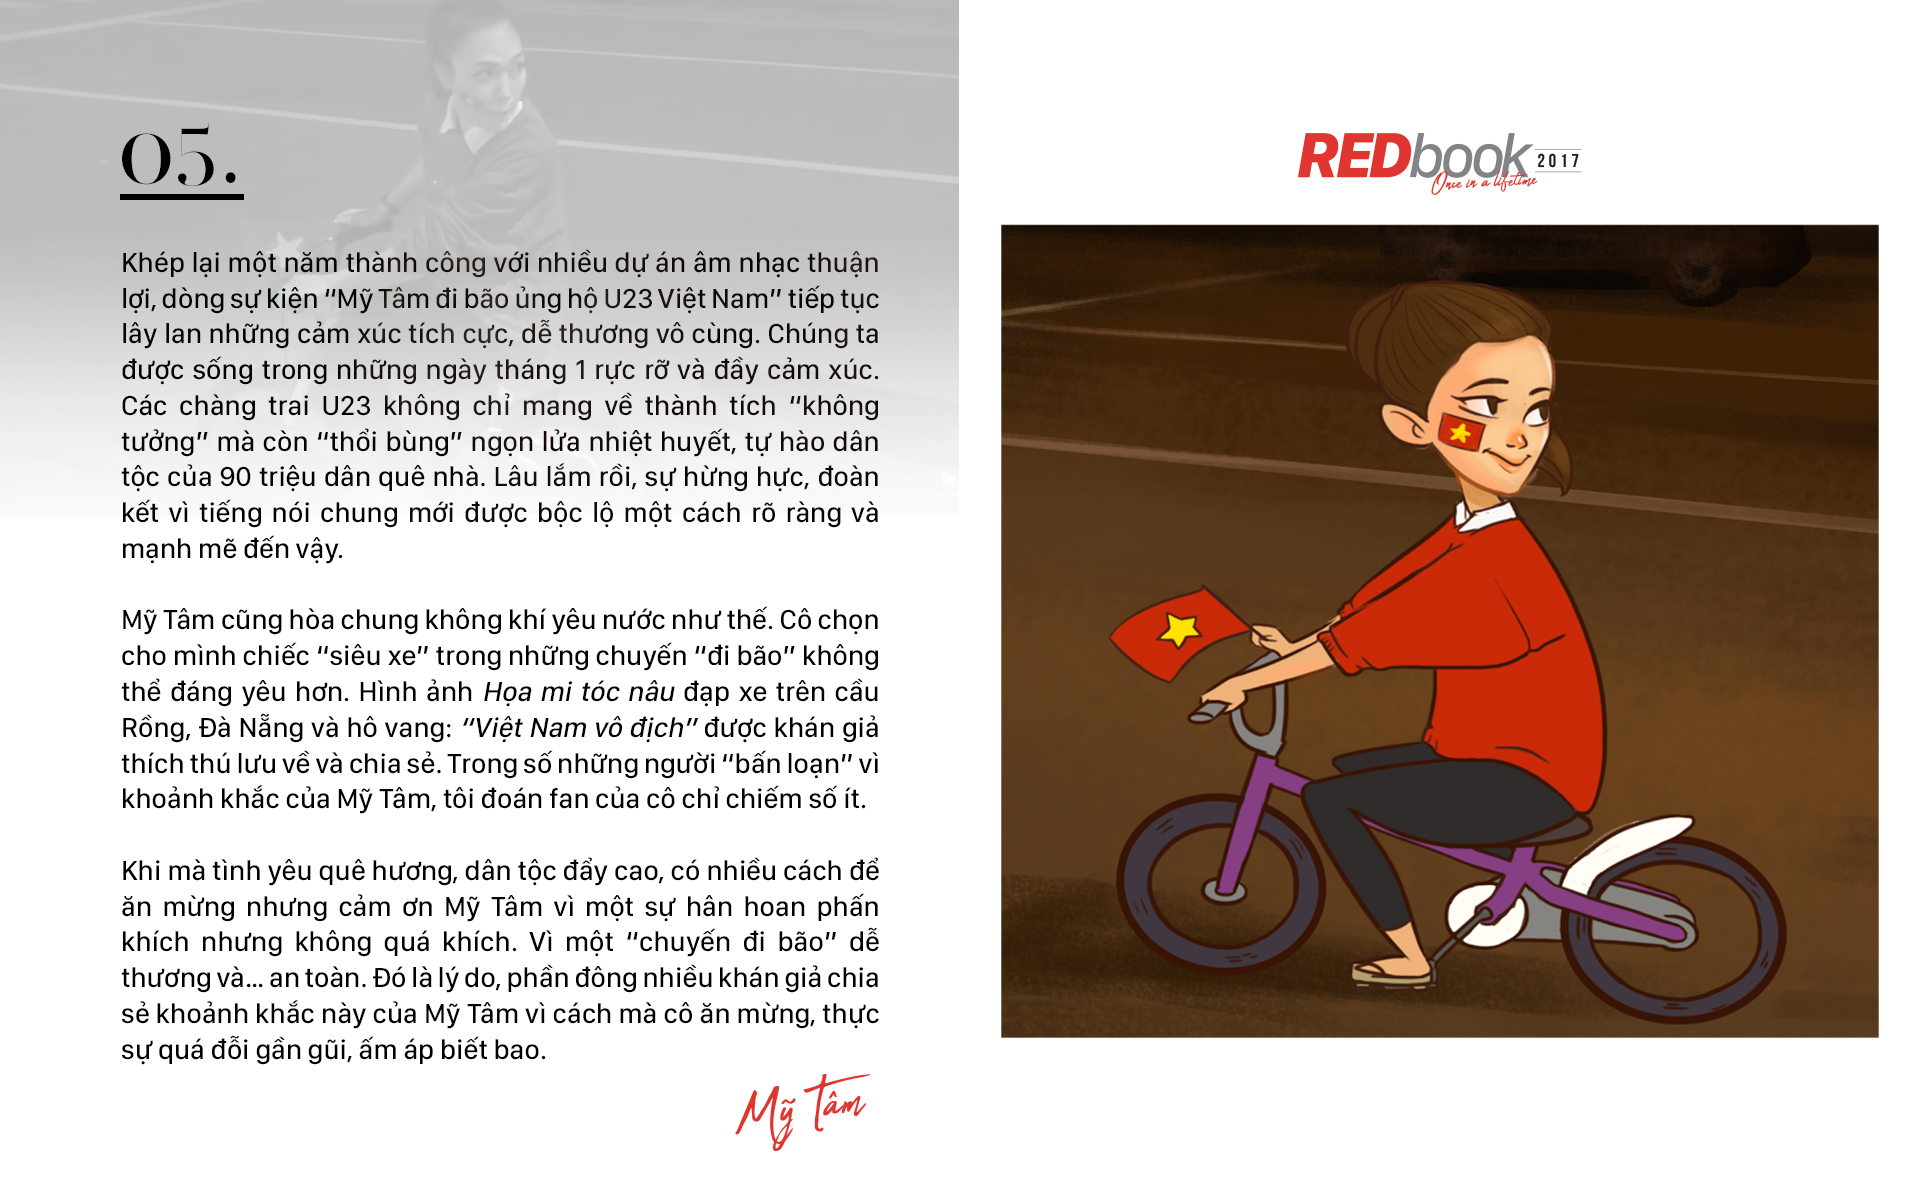 REDbook Tết Mậu Tuất - Ngôi sao ngày 30 Tết: Mỹ Tâm